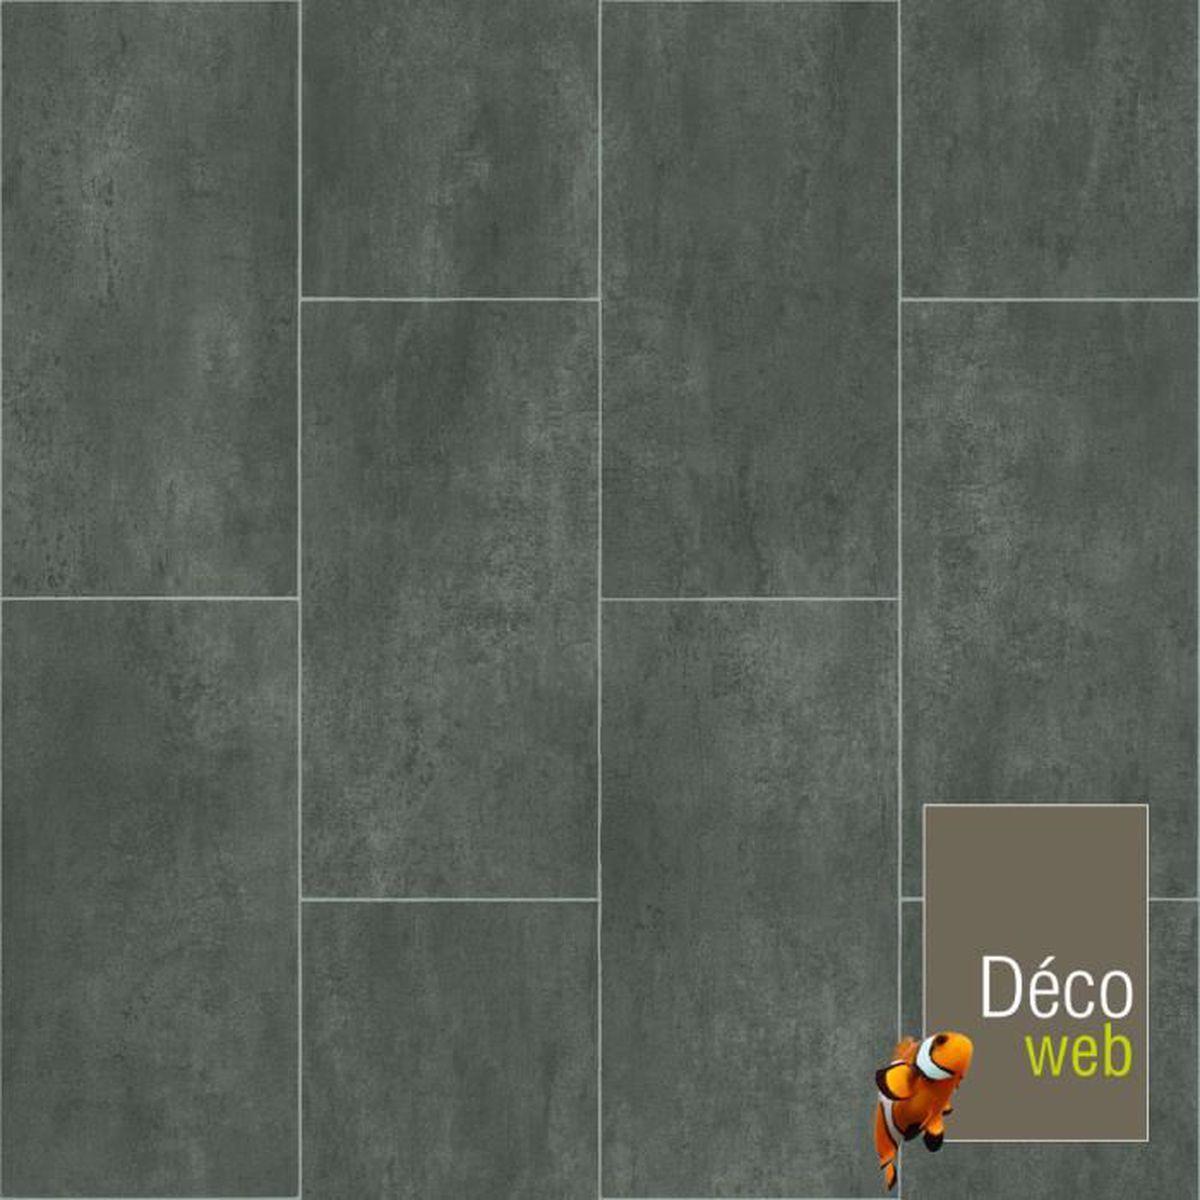 Carrelage Sol Salle De Bain Gris Anthracite 3 x 4m - sol pvc best - motif carrelage gris foncé marbré